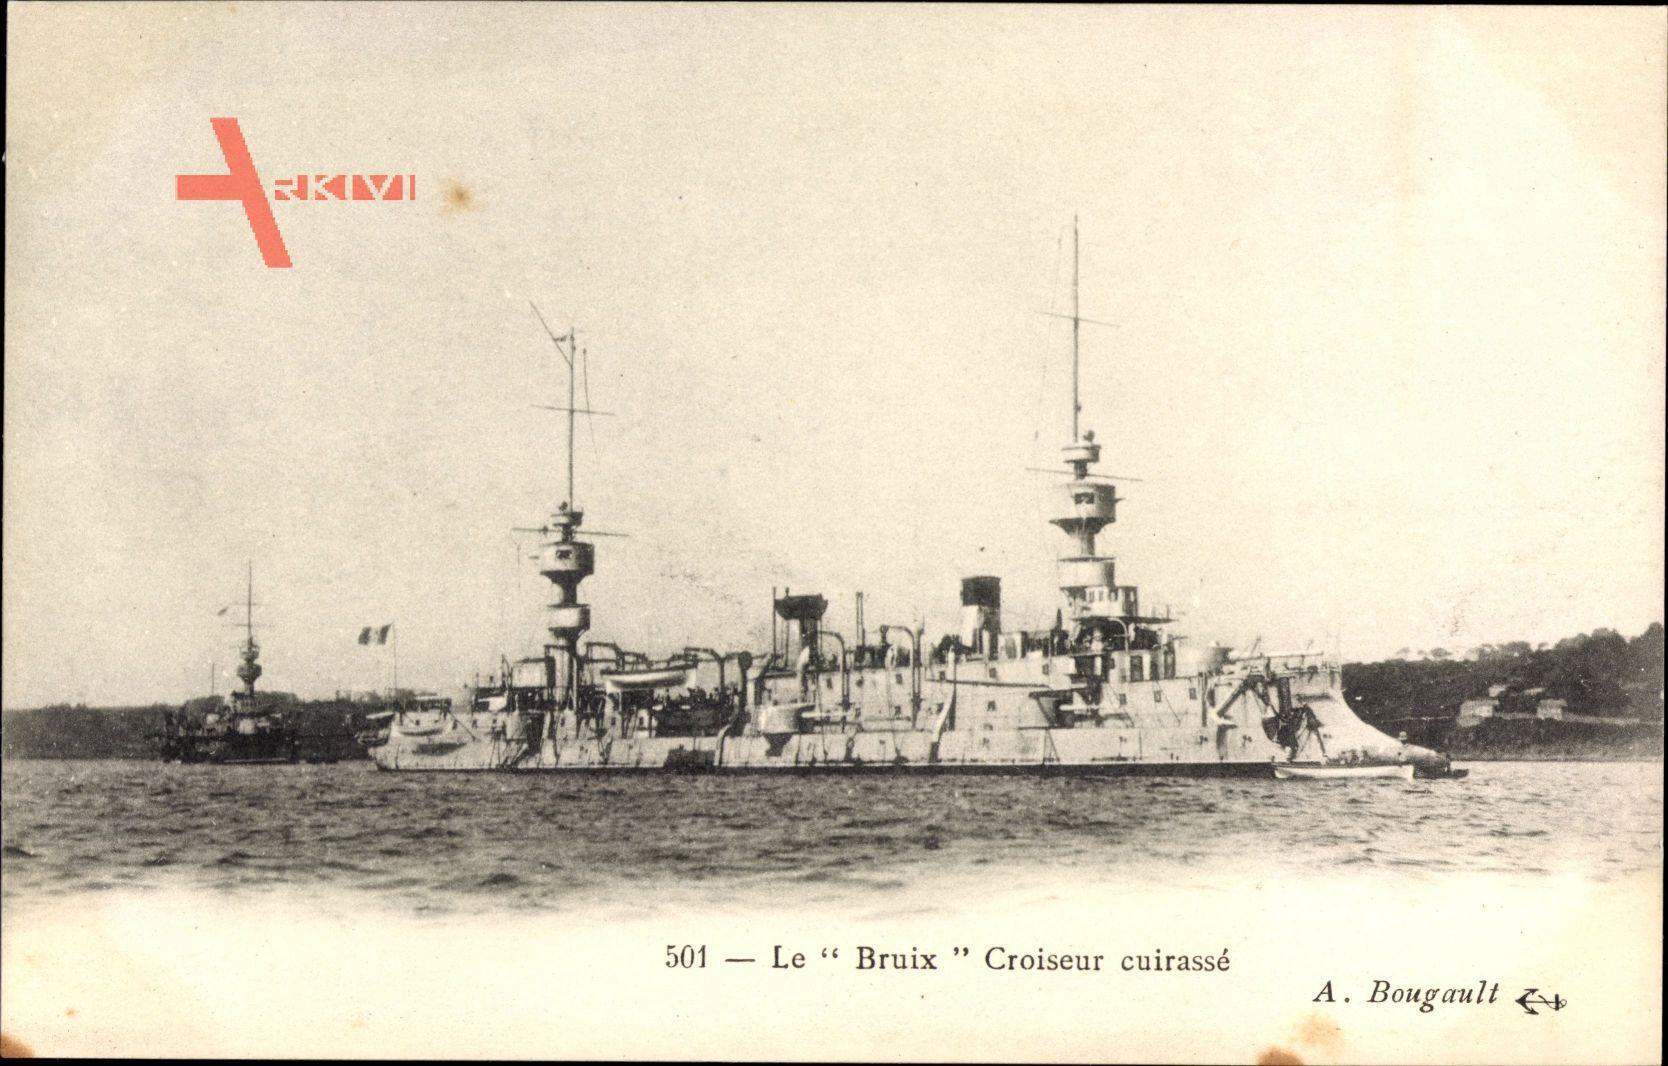 Französisches Kriegsschiff, Le Bruix, Croiseur cuirassé